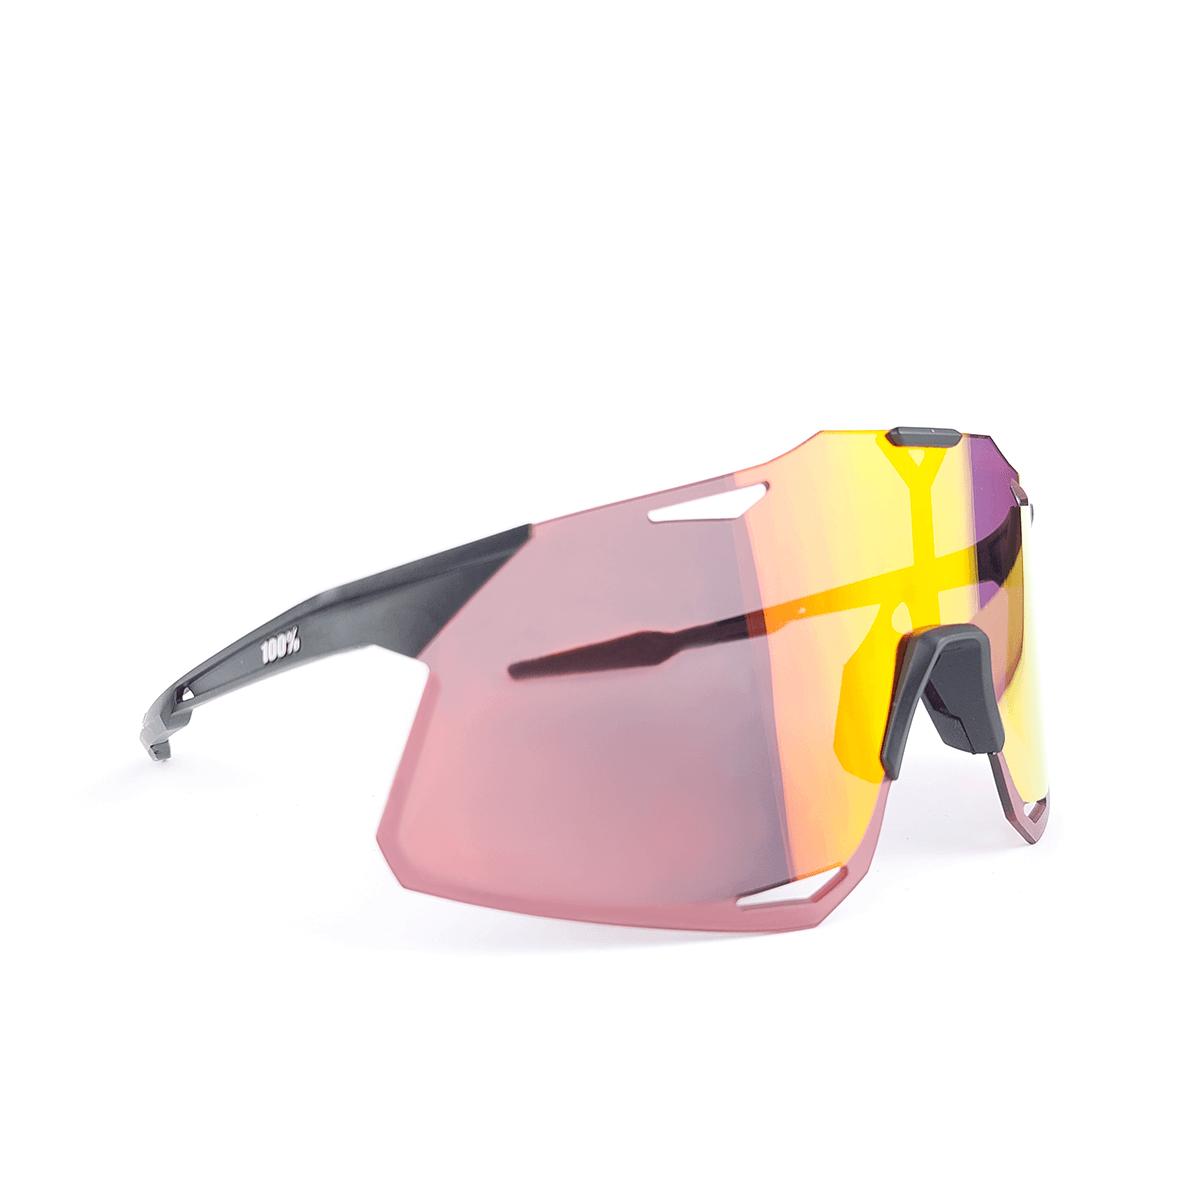 Oculos 100% Hypercraft Espelhado 2 Lentes Ciclismo